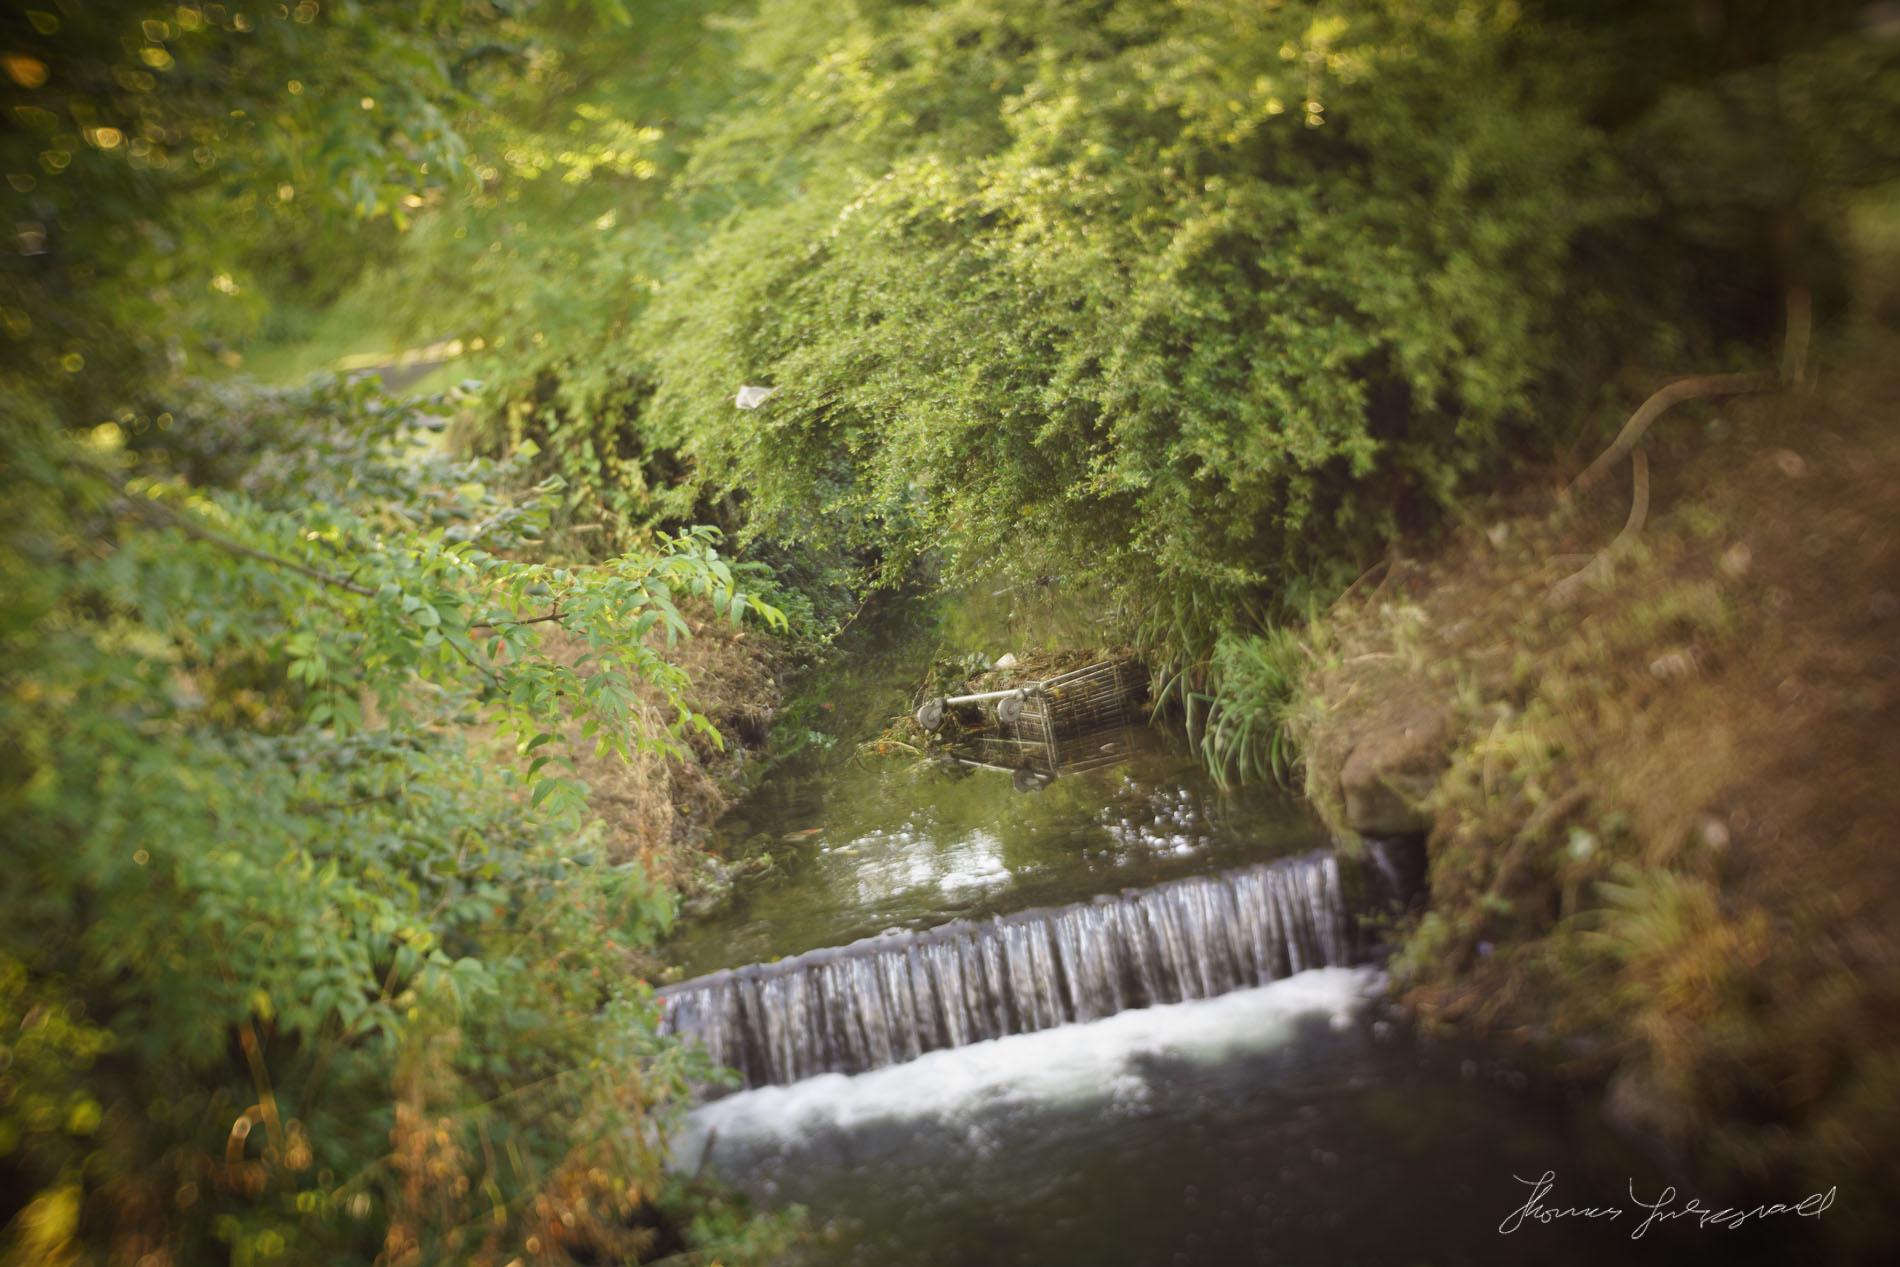 Waterfall taken whit SLR magic 1.7 on Sony Nex-7